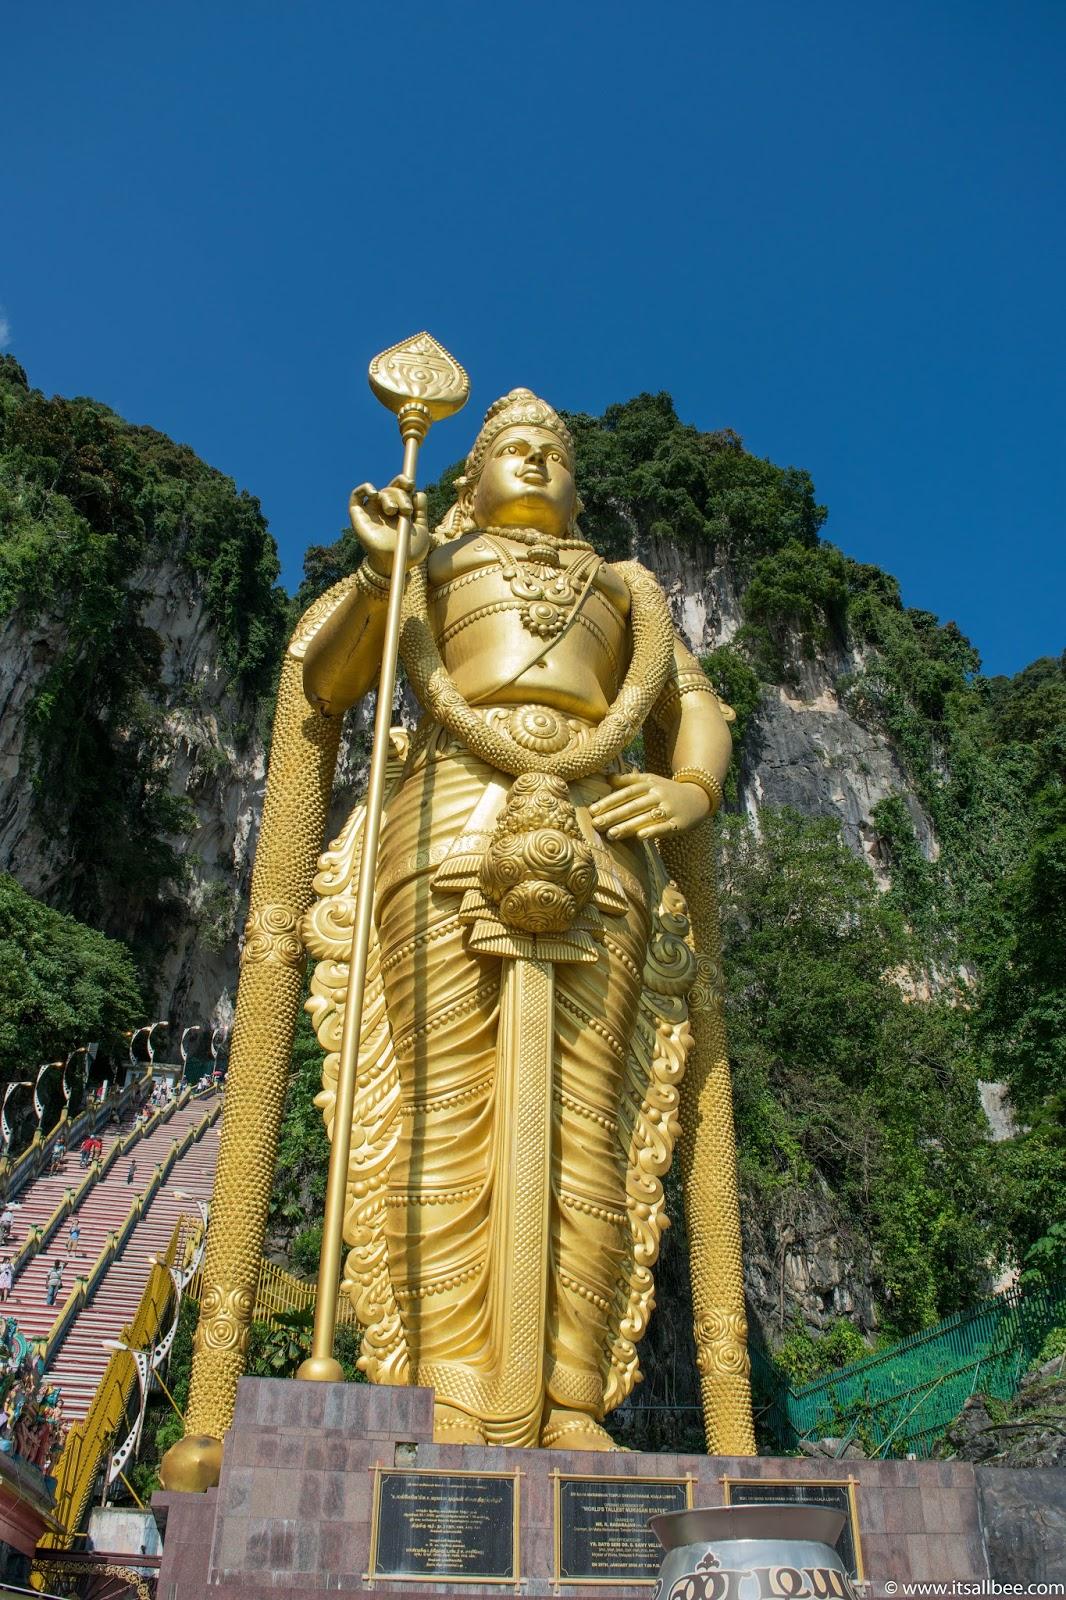 Batu Caves Temple Statue Giant Kuala Lumpur Malaysia